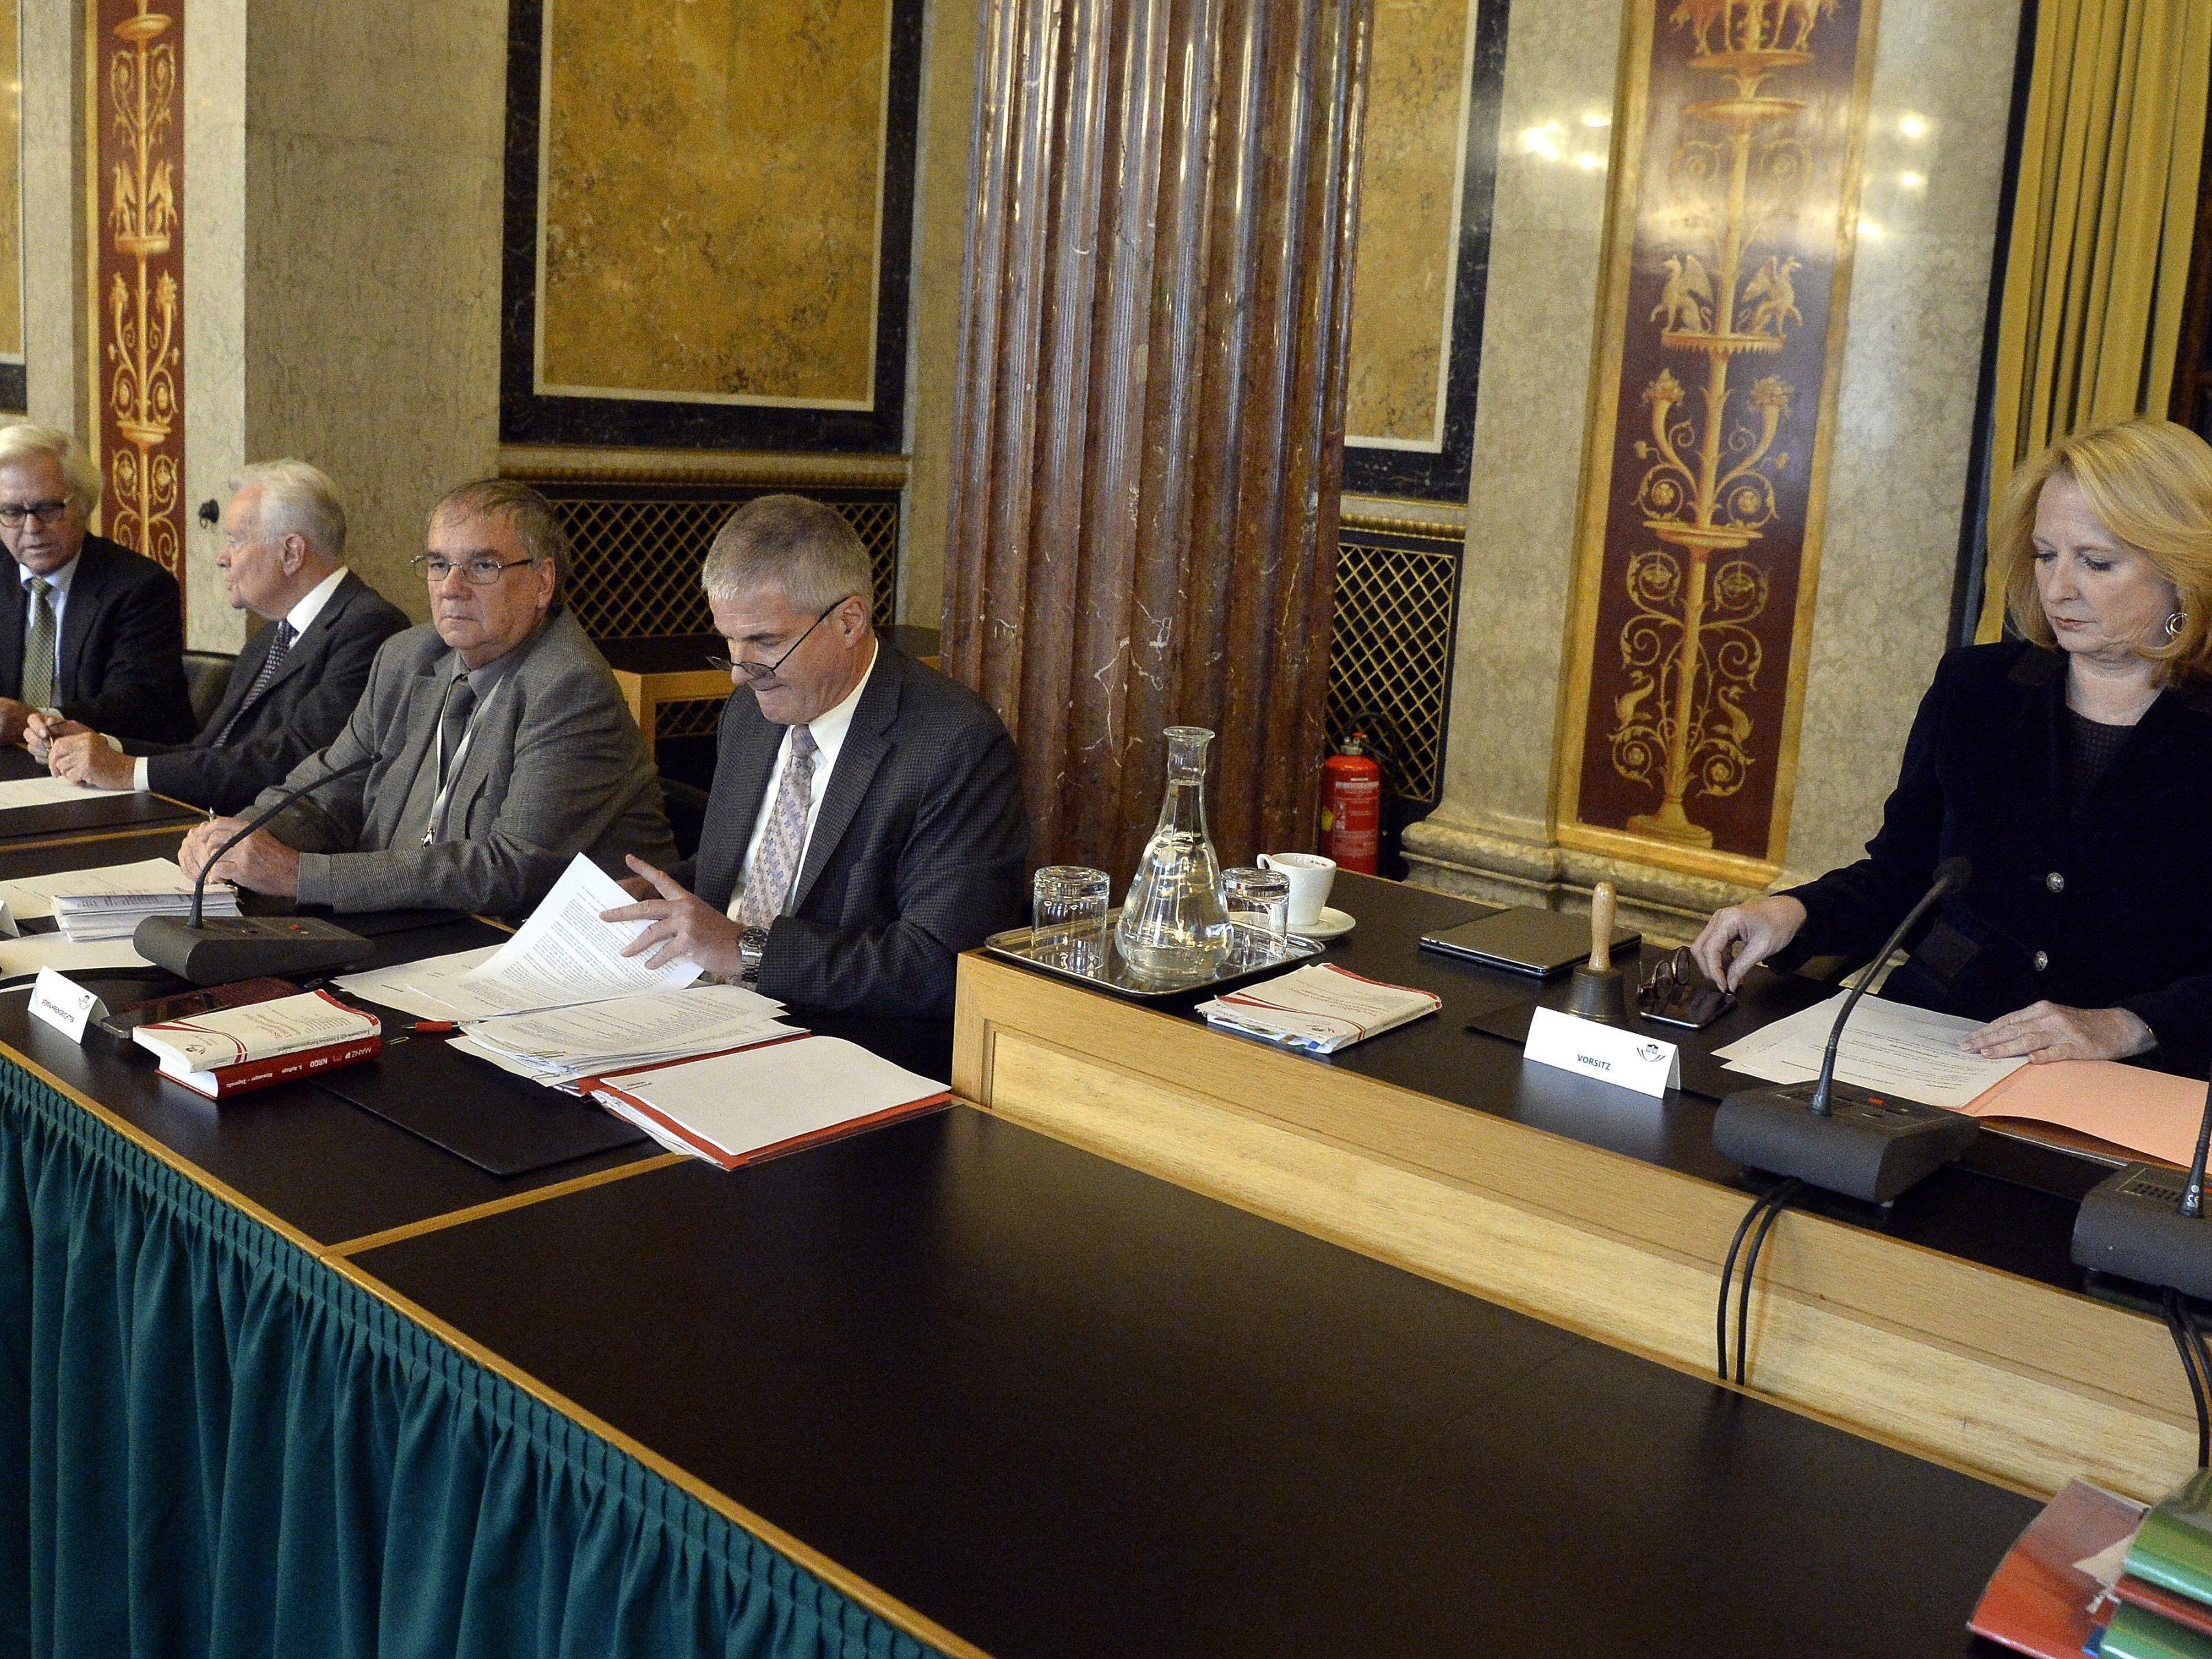 Am Montag wurde der Abschlussbericht an NR-Präsidentin Bures übergeben.